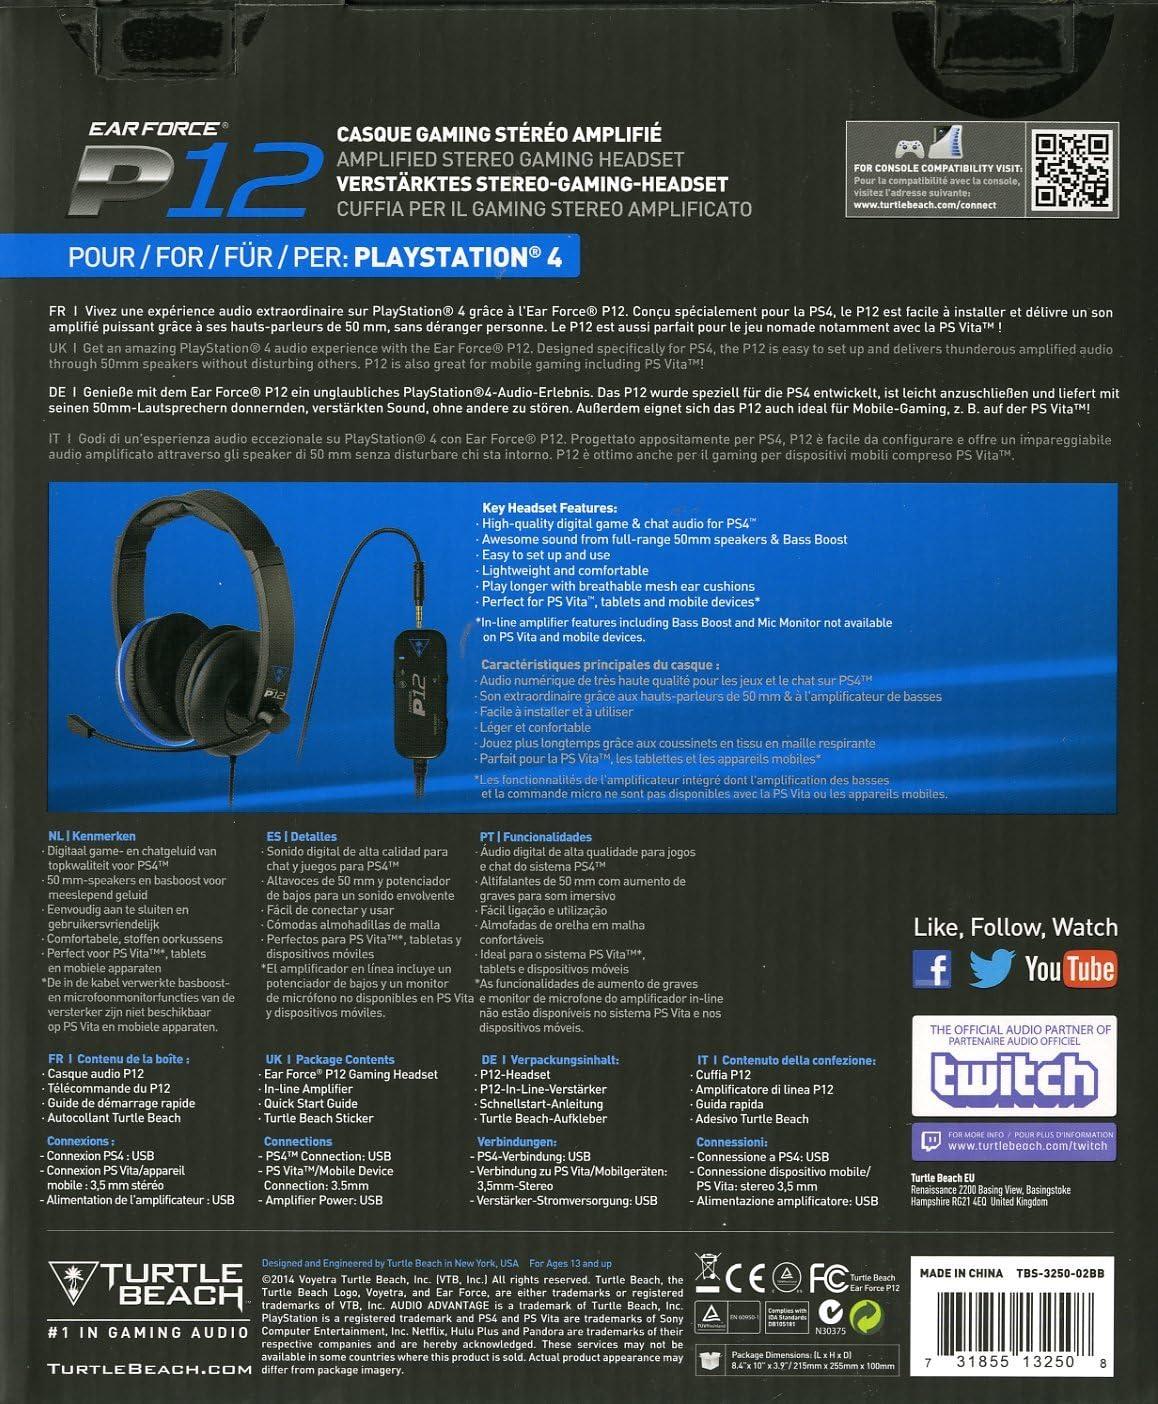 Turtle Beach - Auriculares Ear Force P12 Amplificados (PS4, PS Vita): Amazon.es: Videojuegos